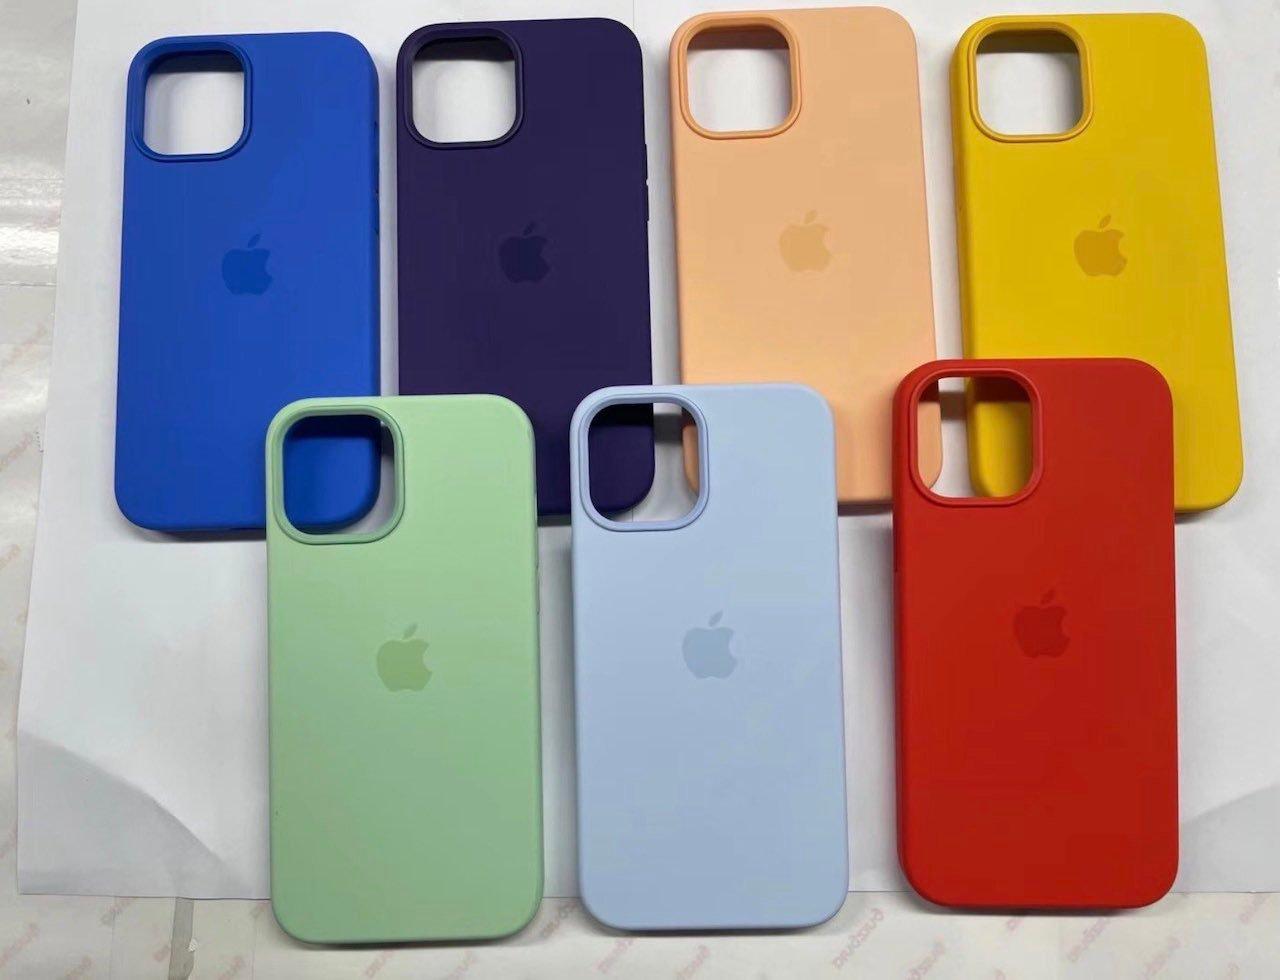 春の新色、iPhone 12 純正ケースが大量流出